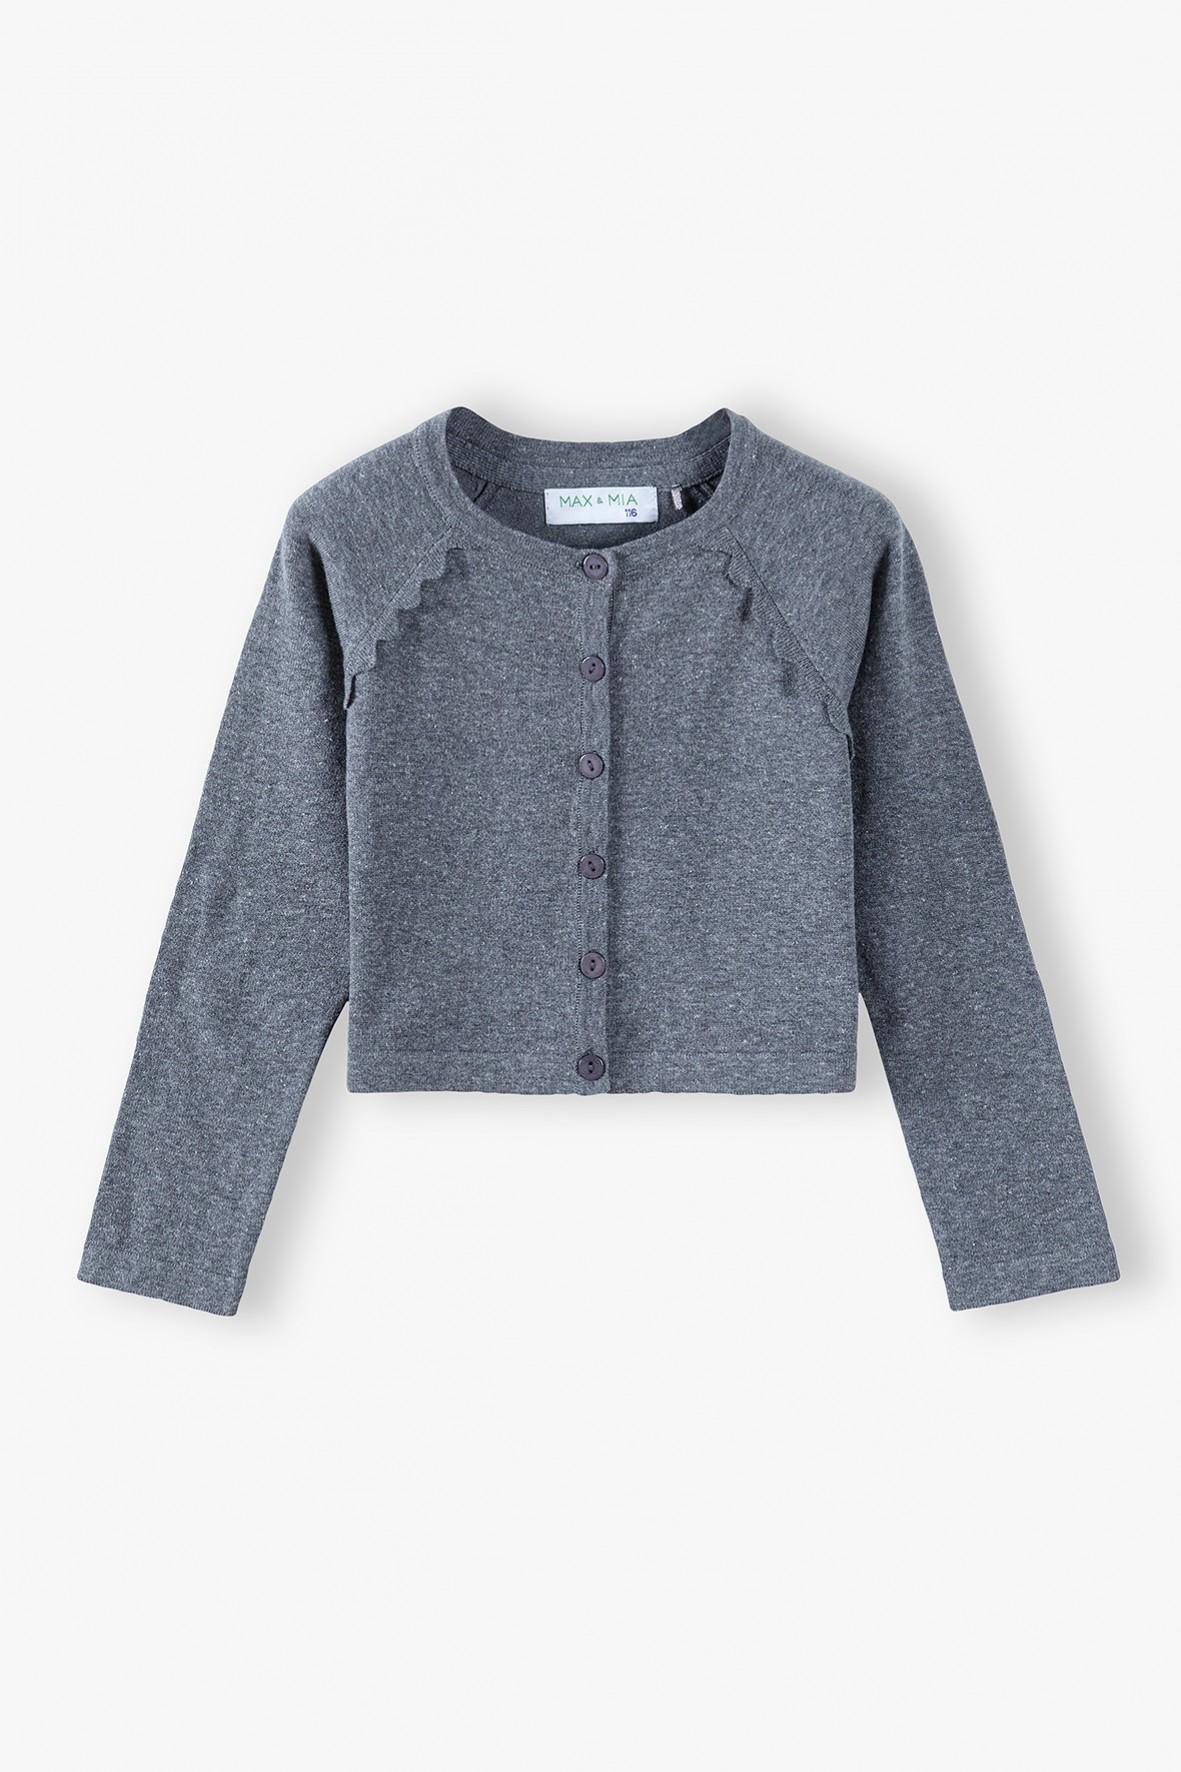 Szary sweter dziewczęcy zapinany na guziki